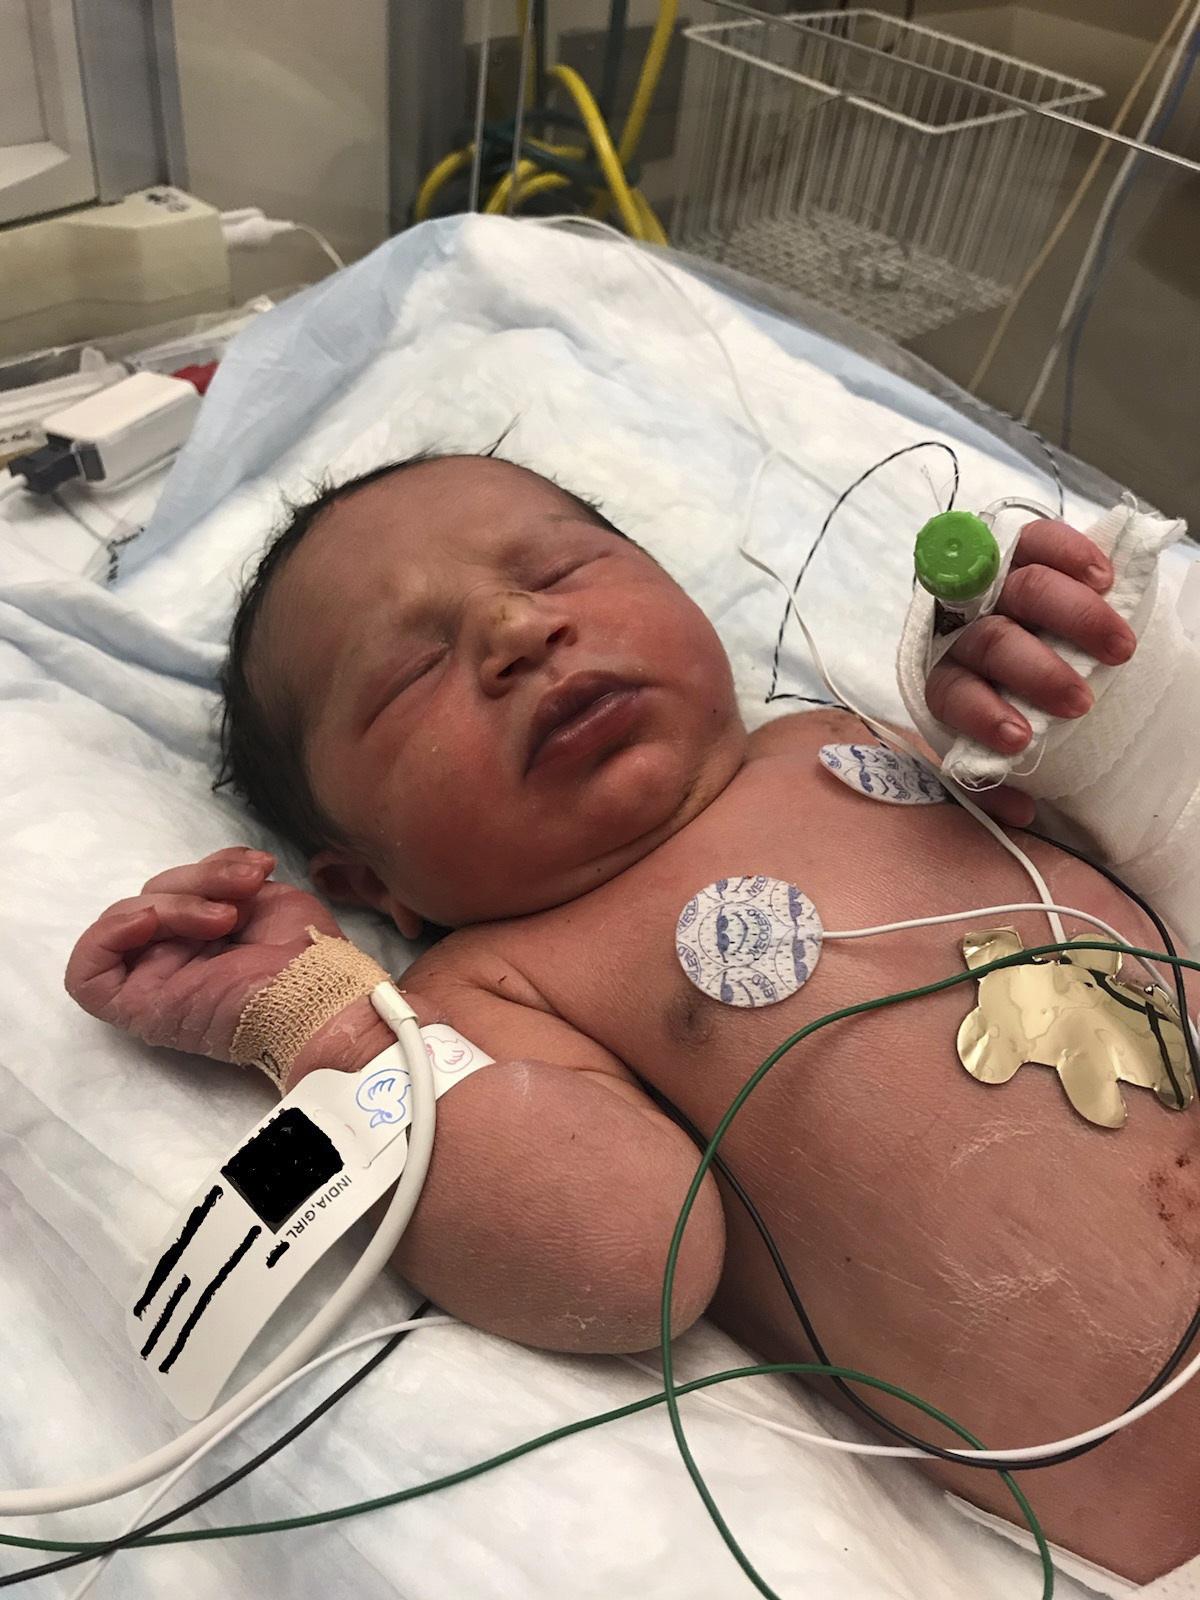 Newborn Found Alive Woods_1559938811655